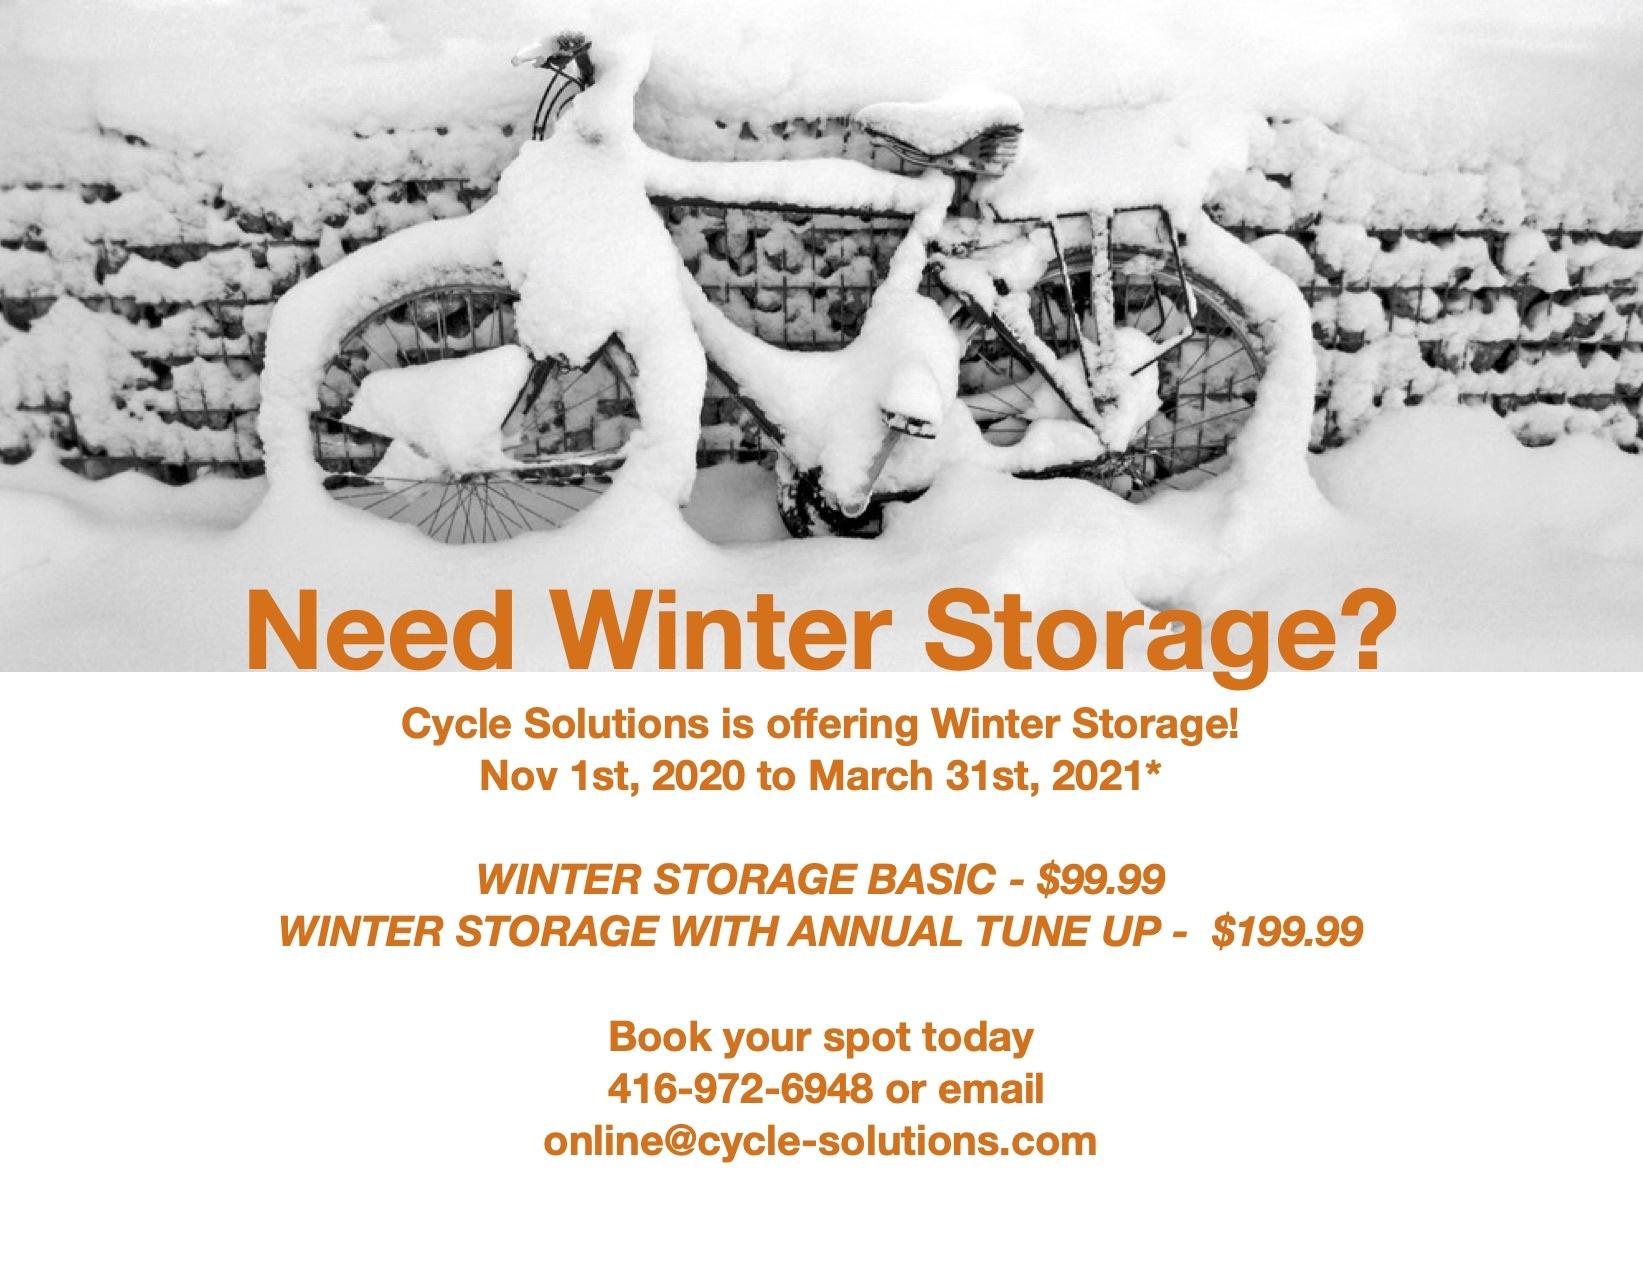 Winter Storager